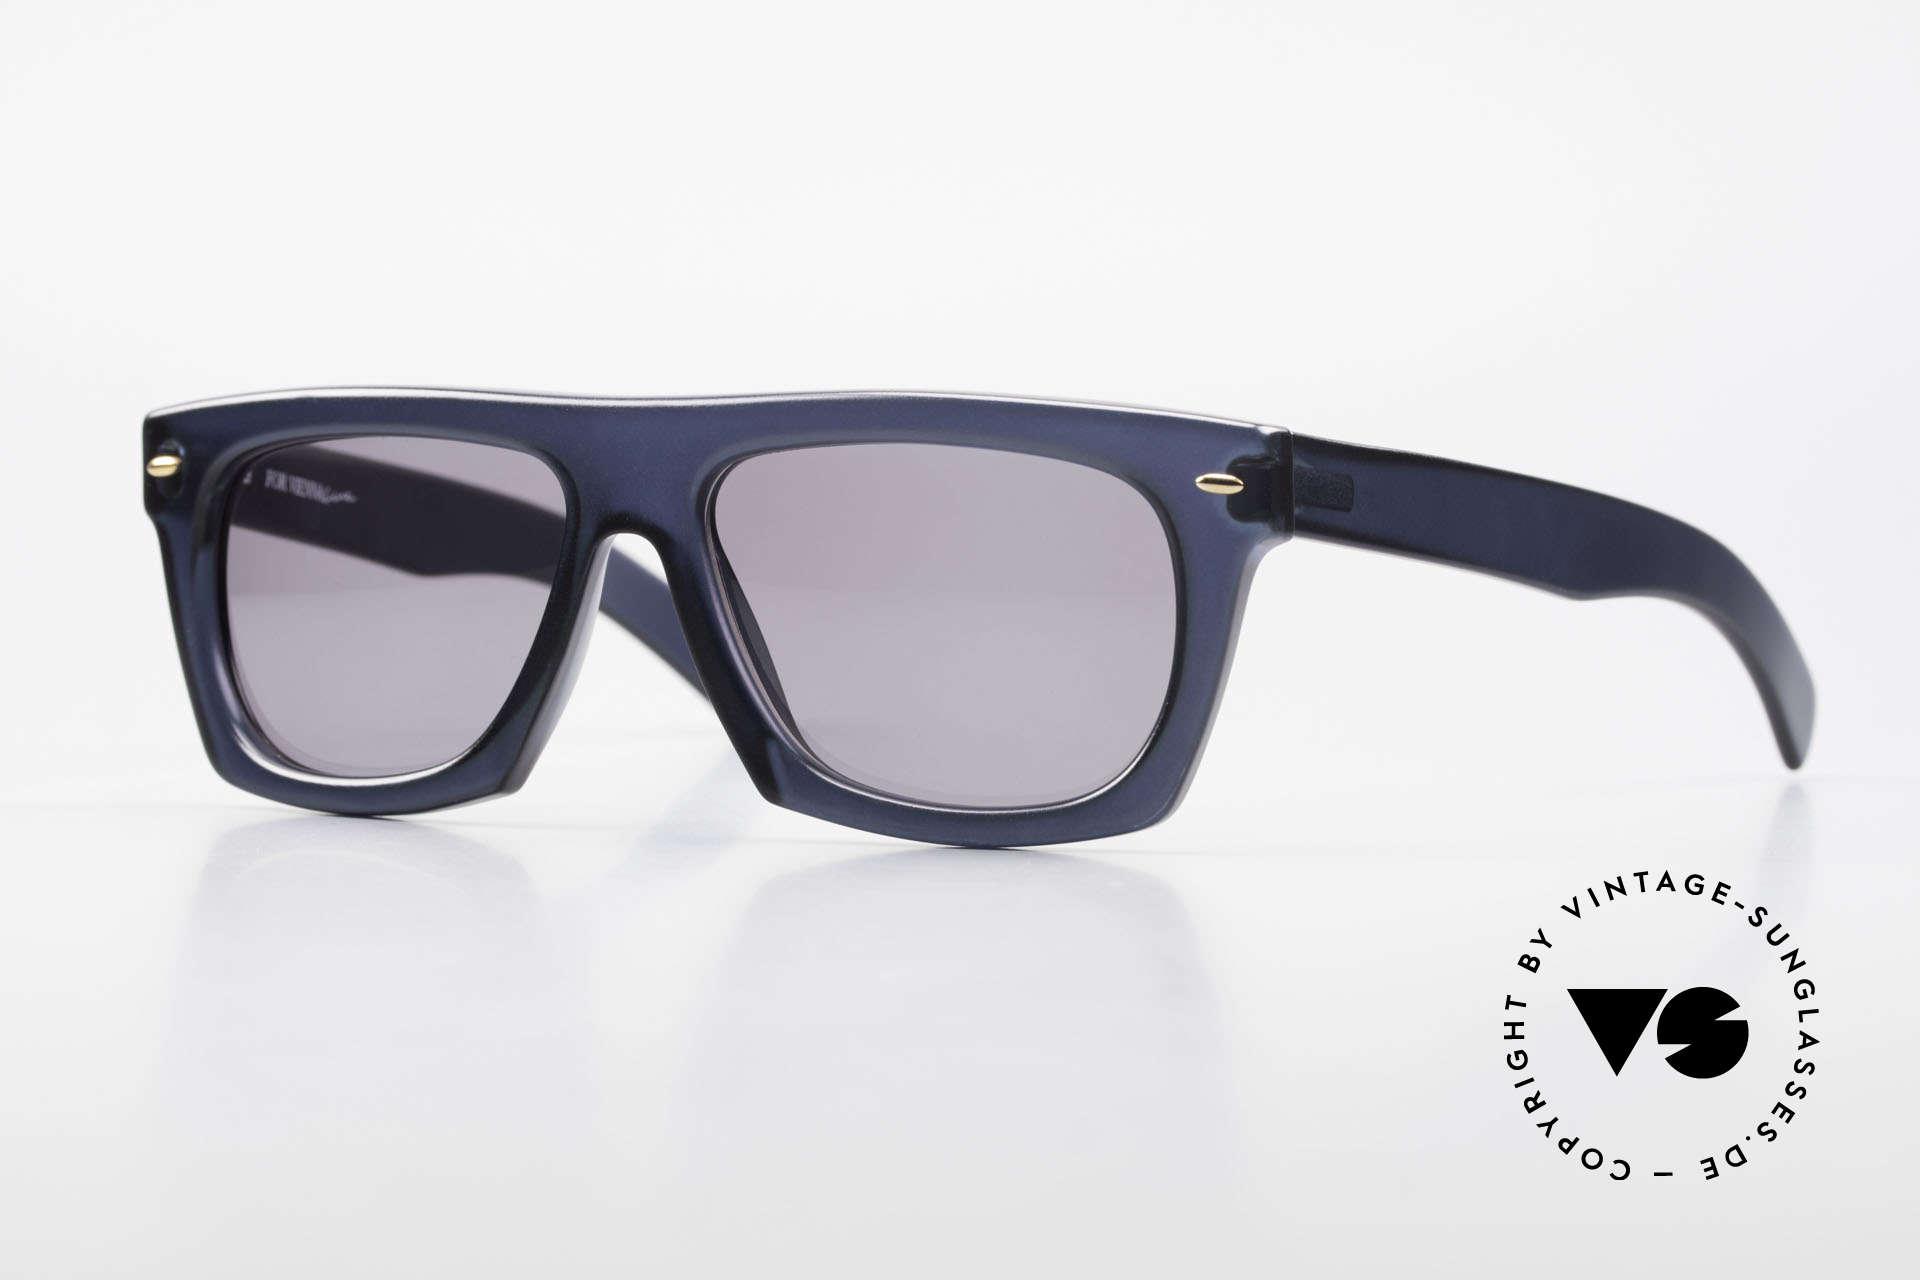 Paloma Picasso 1460 90er Original Designerbrille, vintage Designersonnenbrille von Paloma Picasso, Passend für Herren und Damen